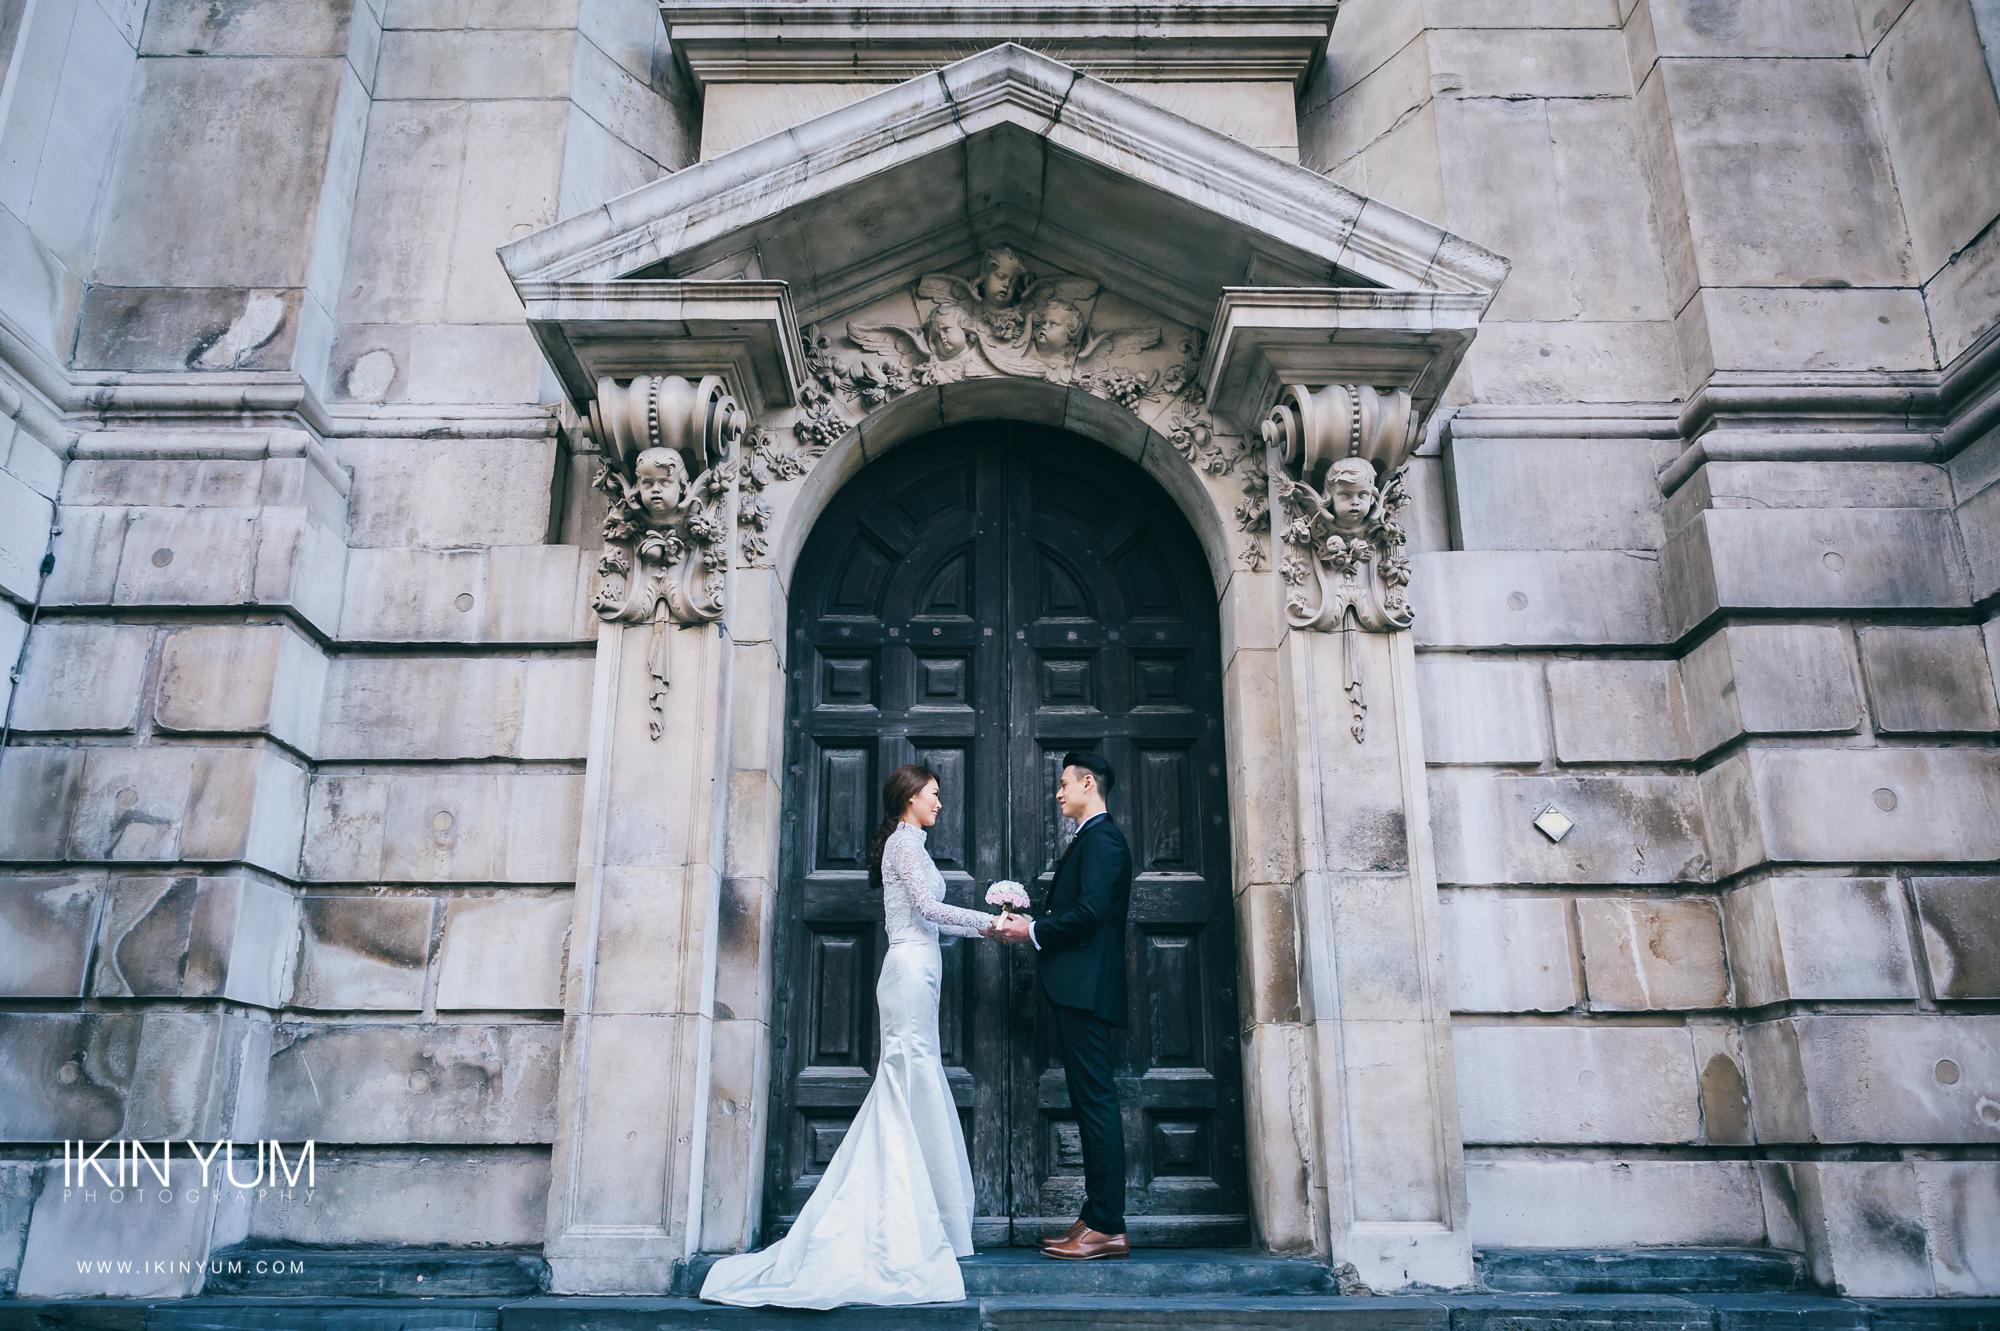 Pre-Wedding Shoot London Zann + Danny - Ikin Yum Photography-028.jpg